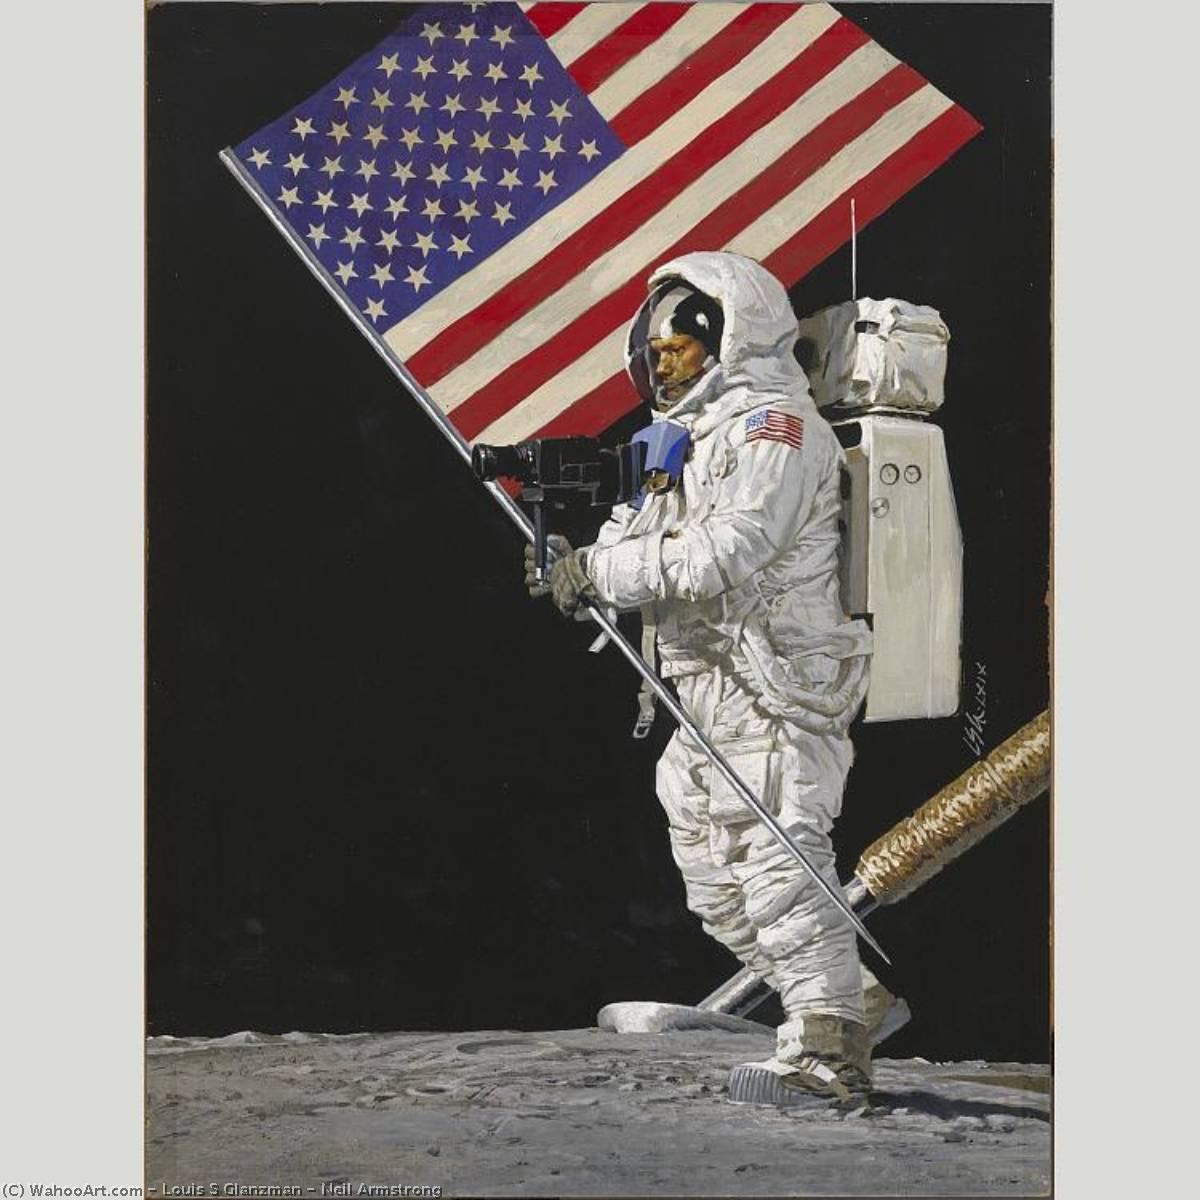 фото космонавта армстронга корабль алыми парусами